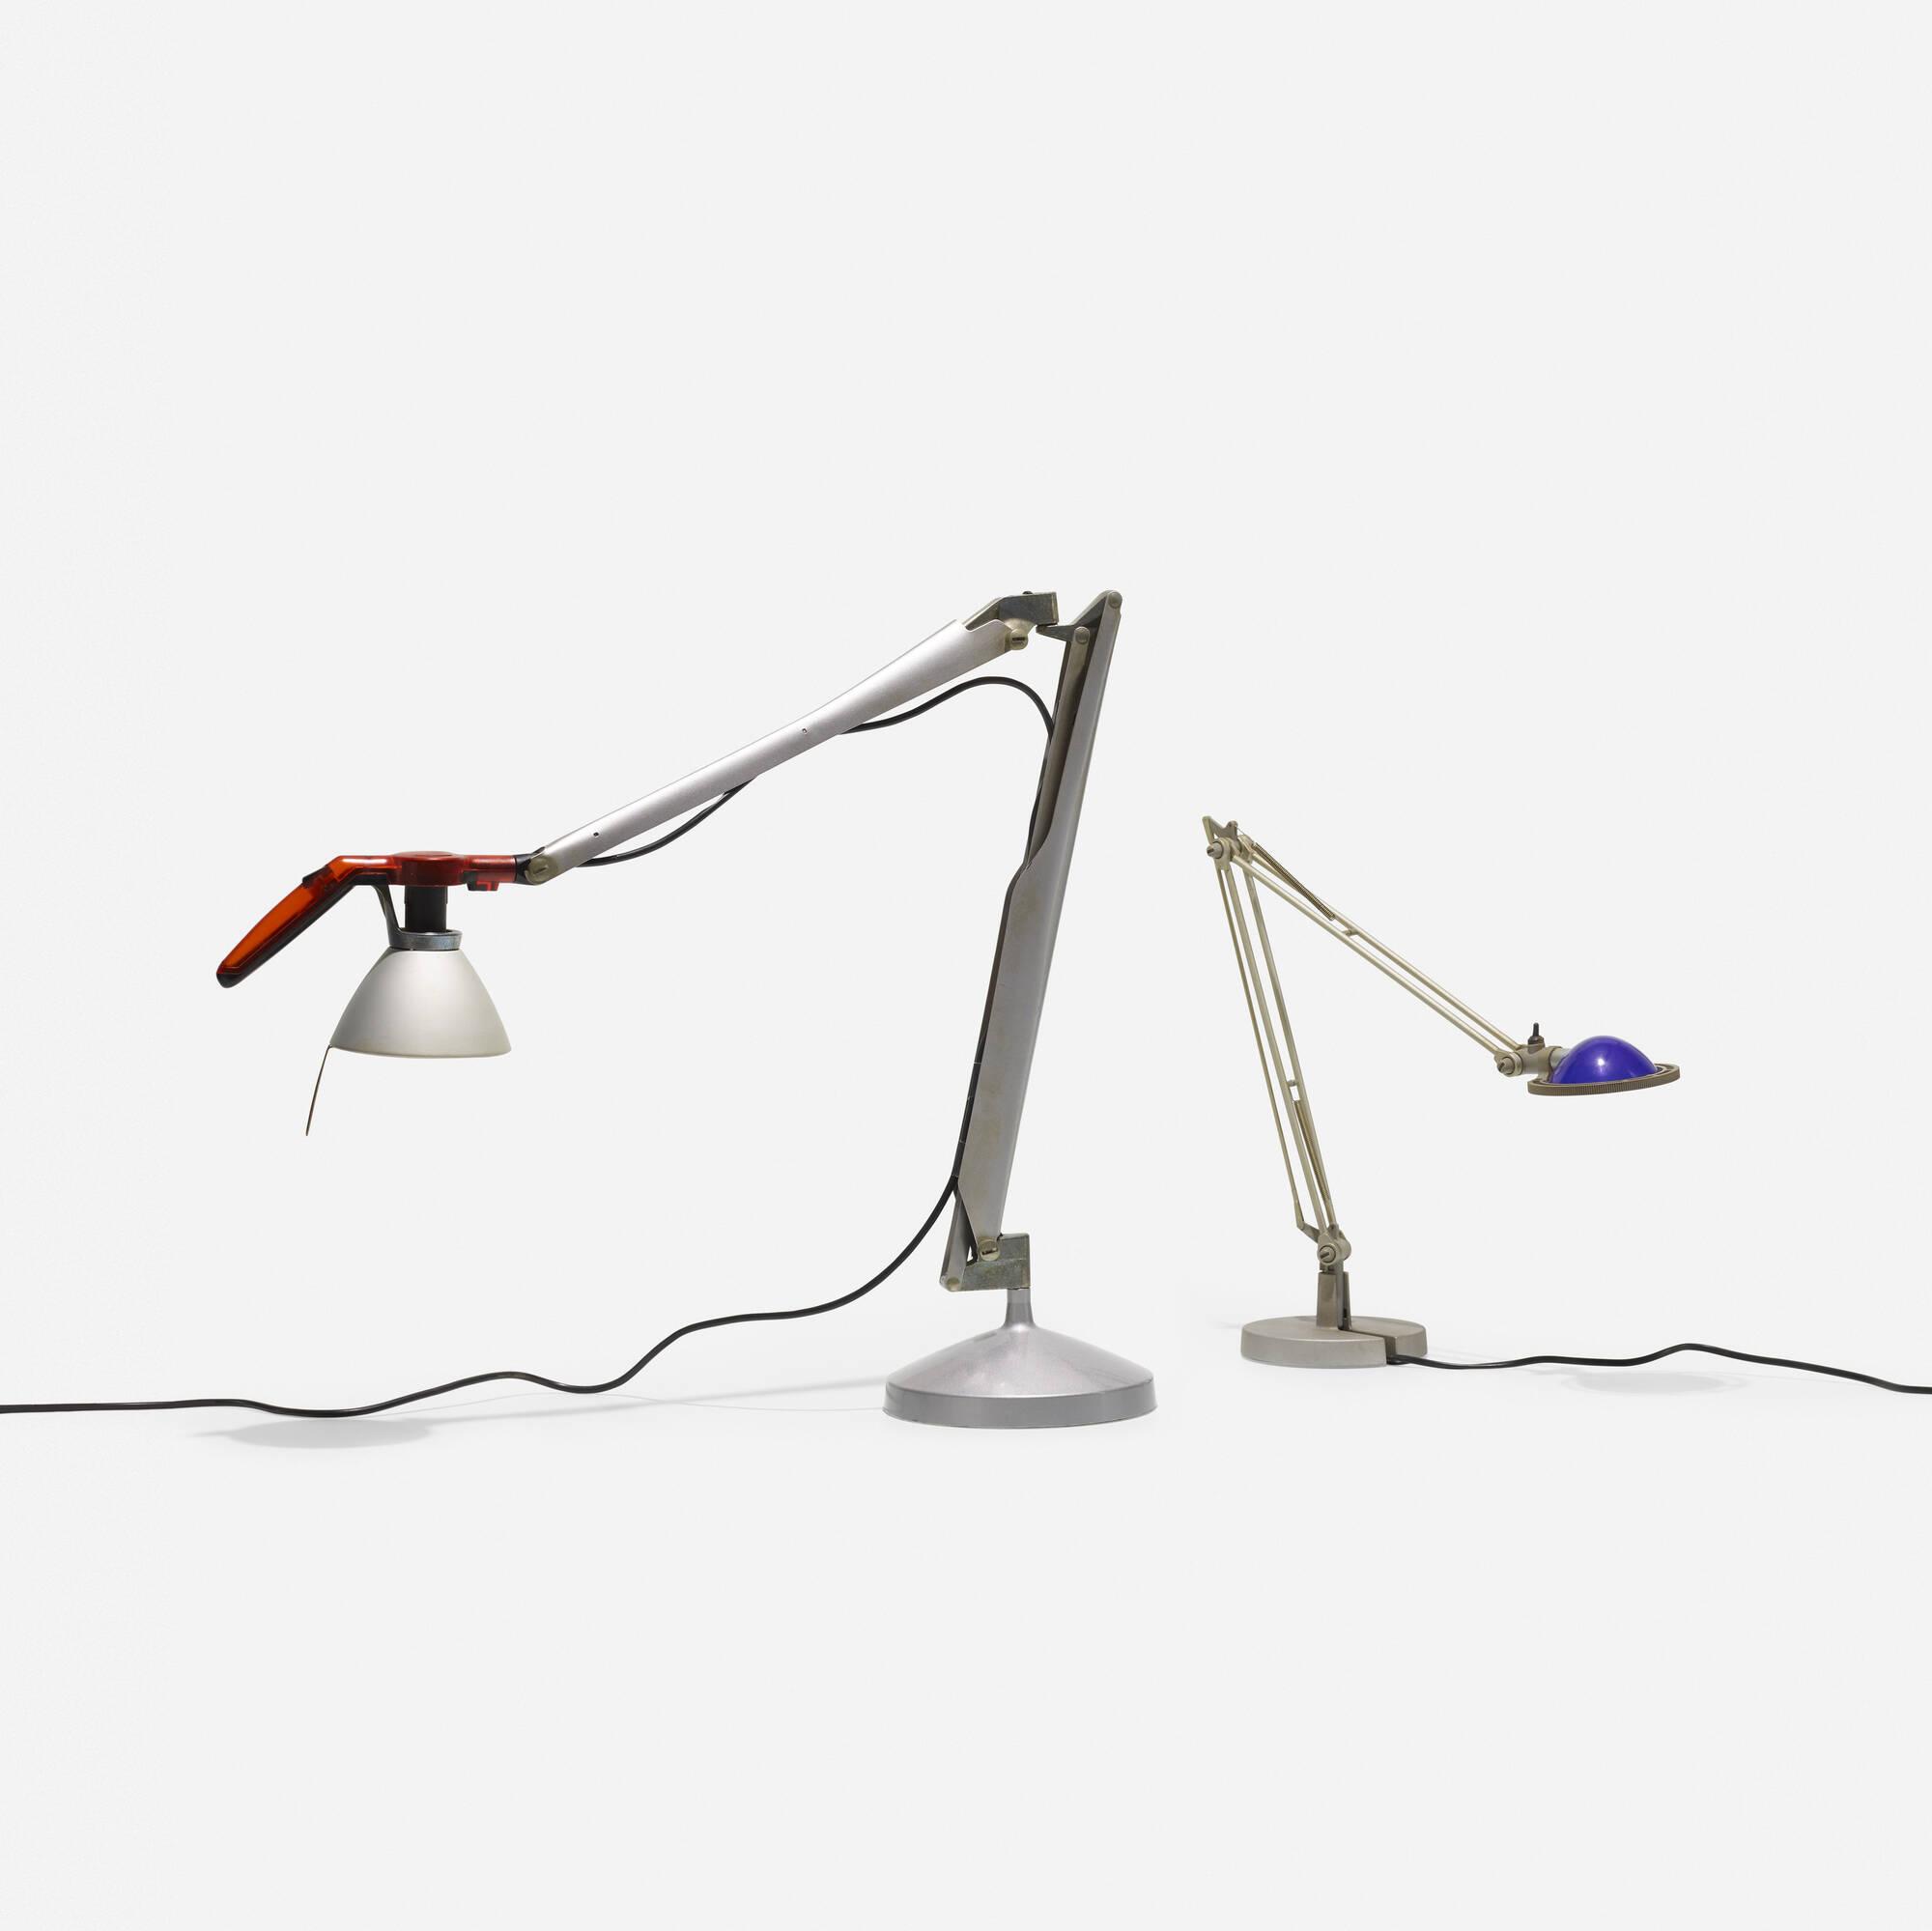 452: Alberto Meda and Paolo Rizzatto / Berenice and Fortebraccio table lamps (2 of 2)